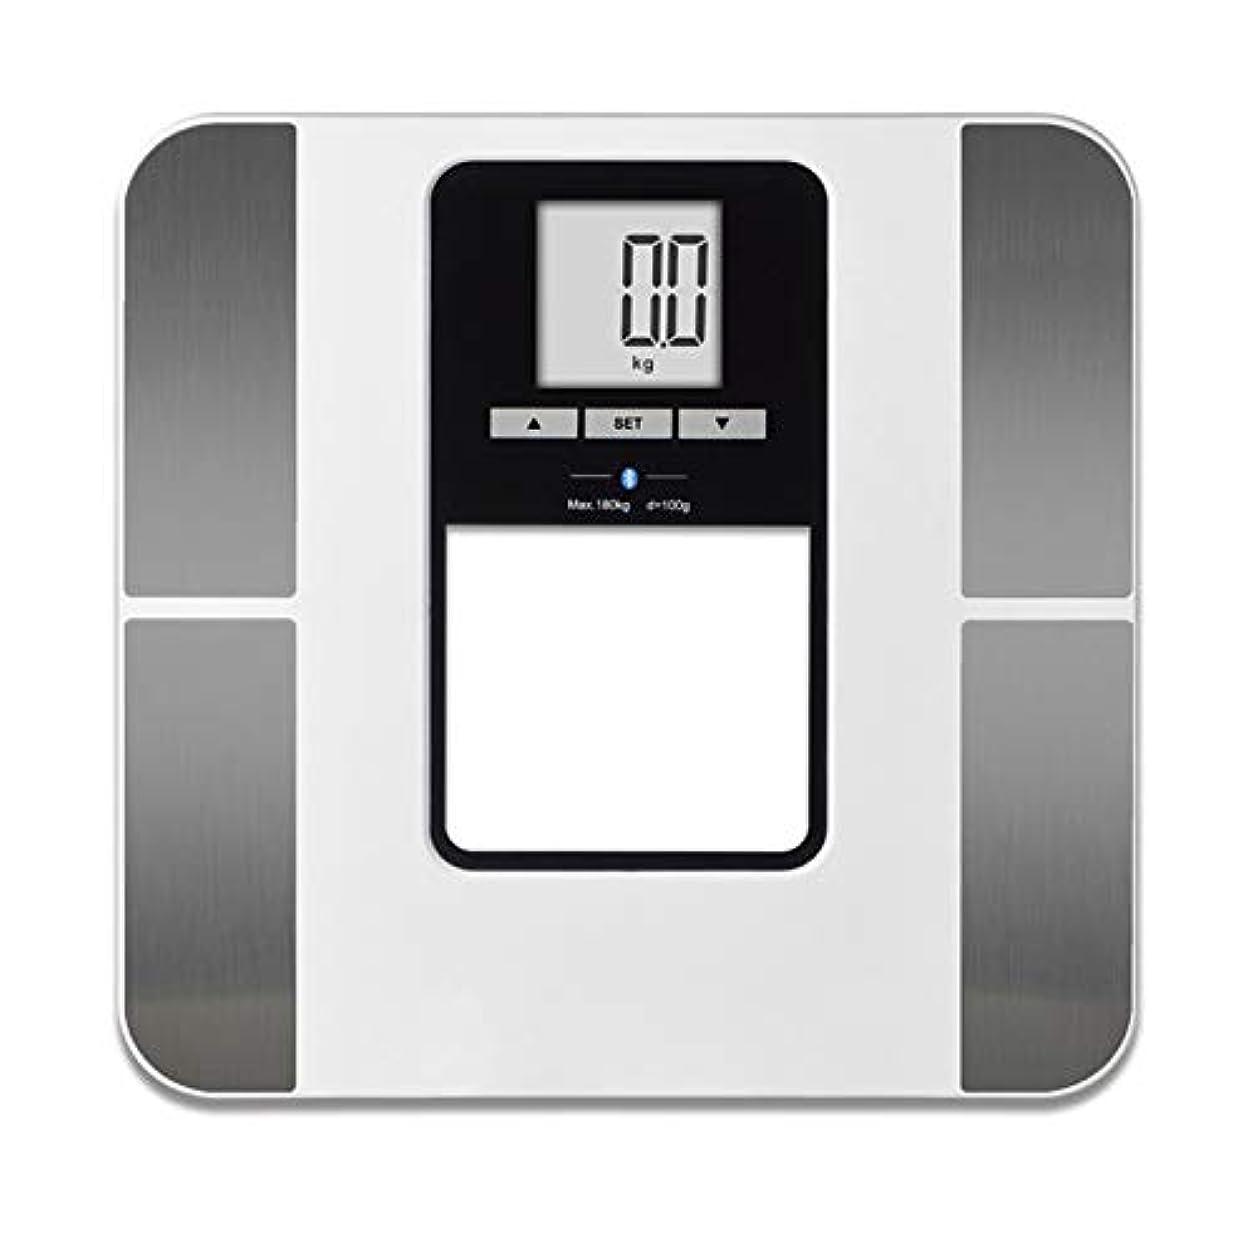 中級朝接続Nrpfell ブルートォースフロアスケール 体脂肪電子スケール バスルーム用 180kg / 400ポンドスマートデジタルバランス